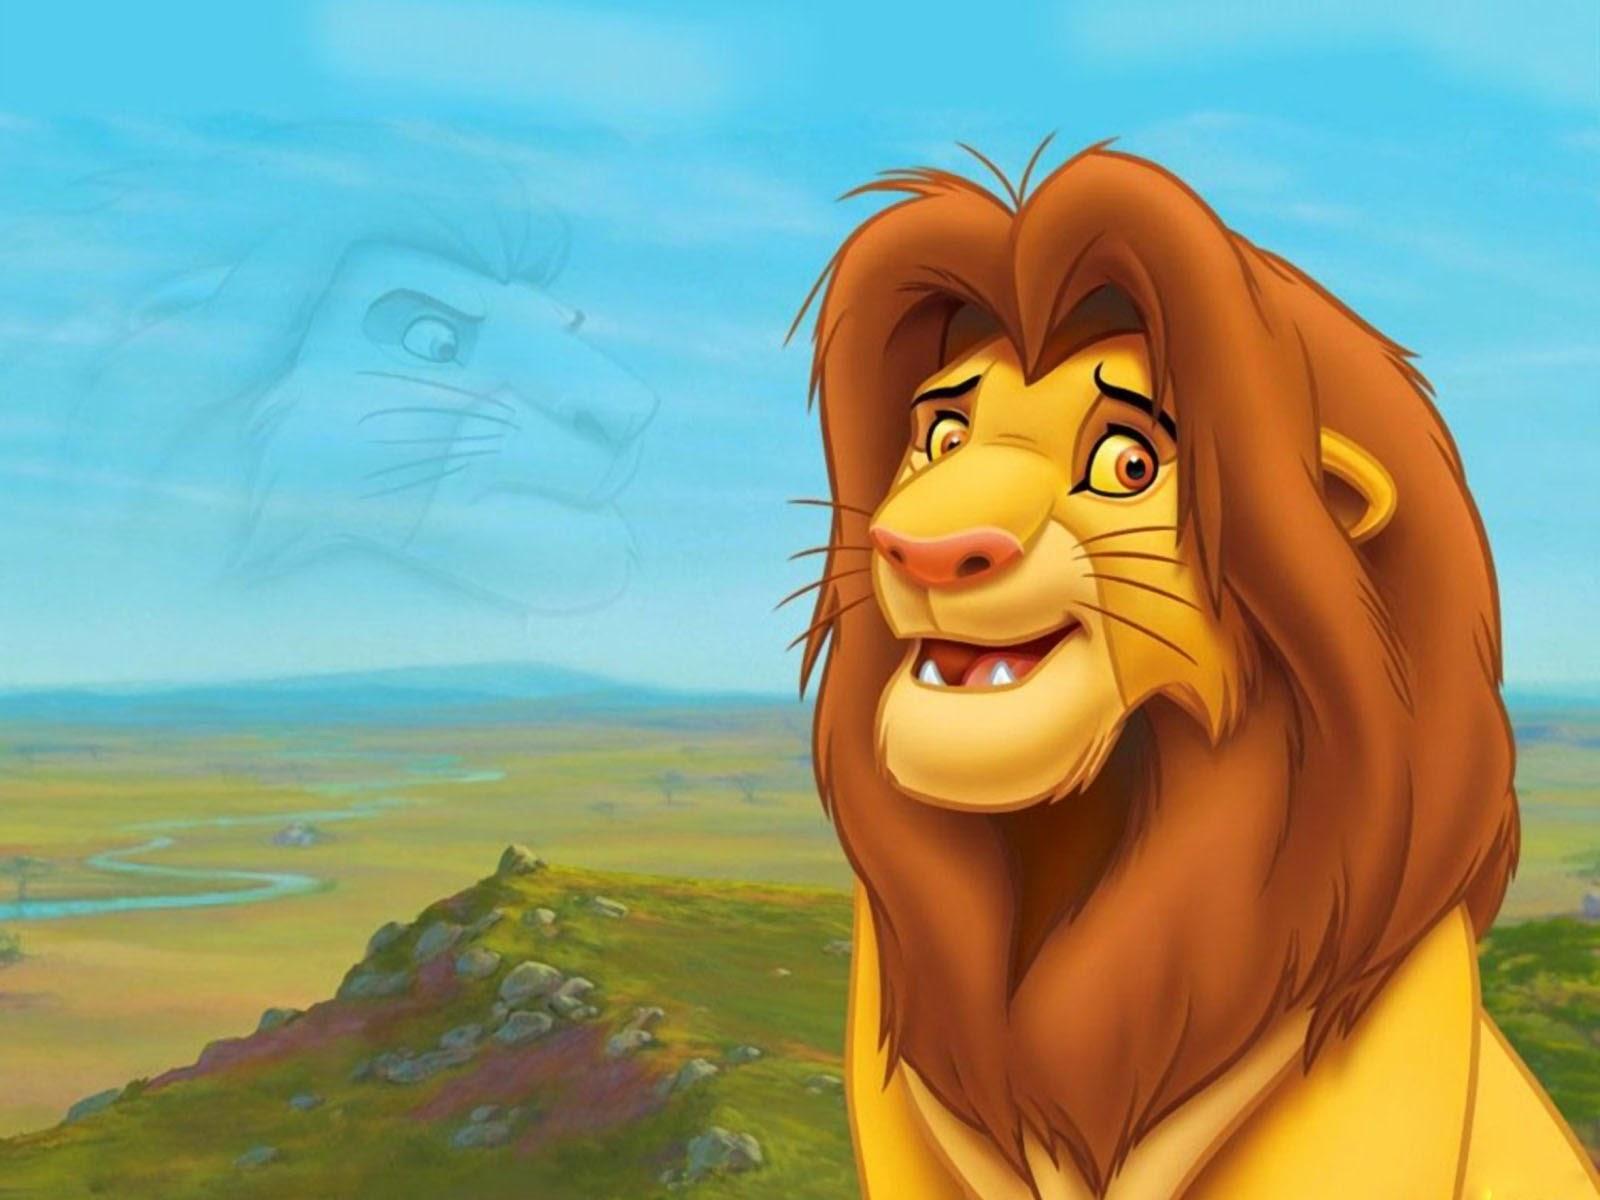 kartun gambar singa